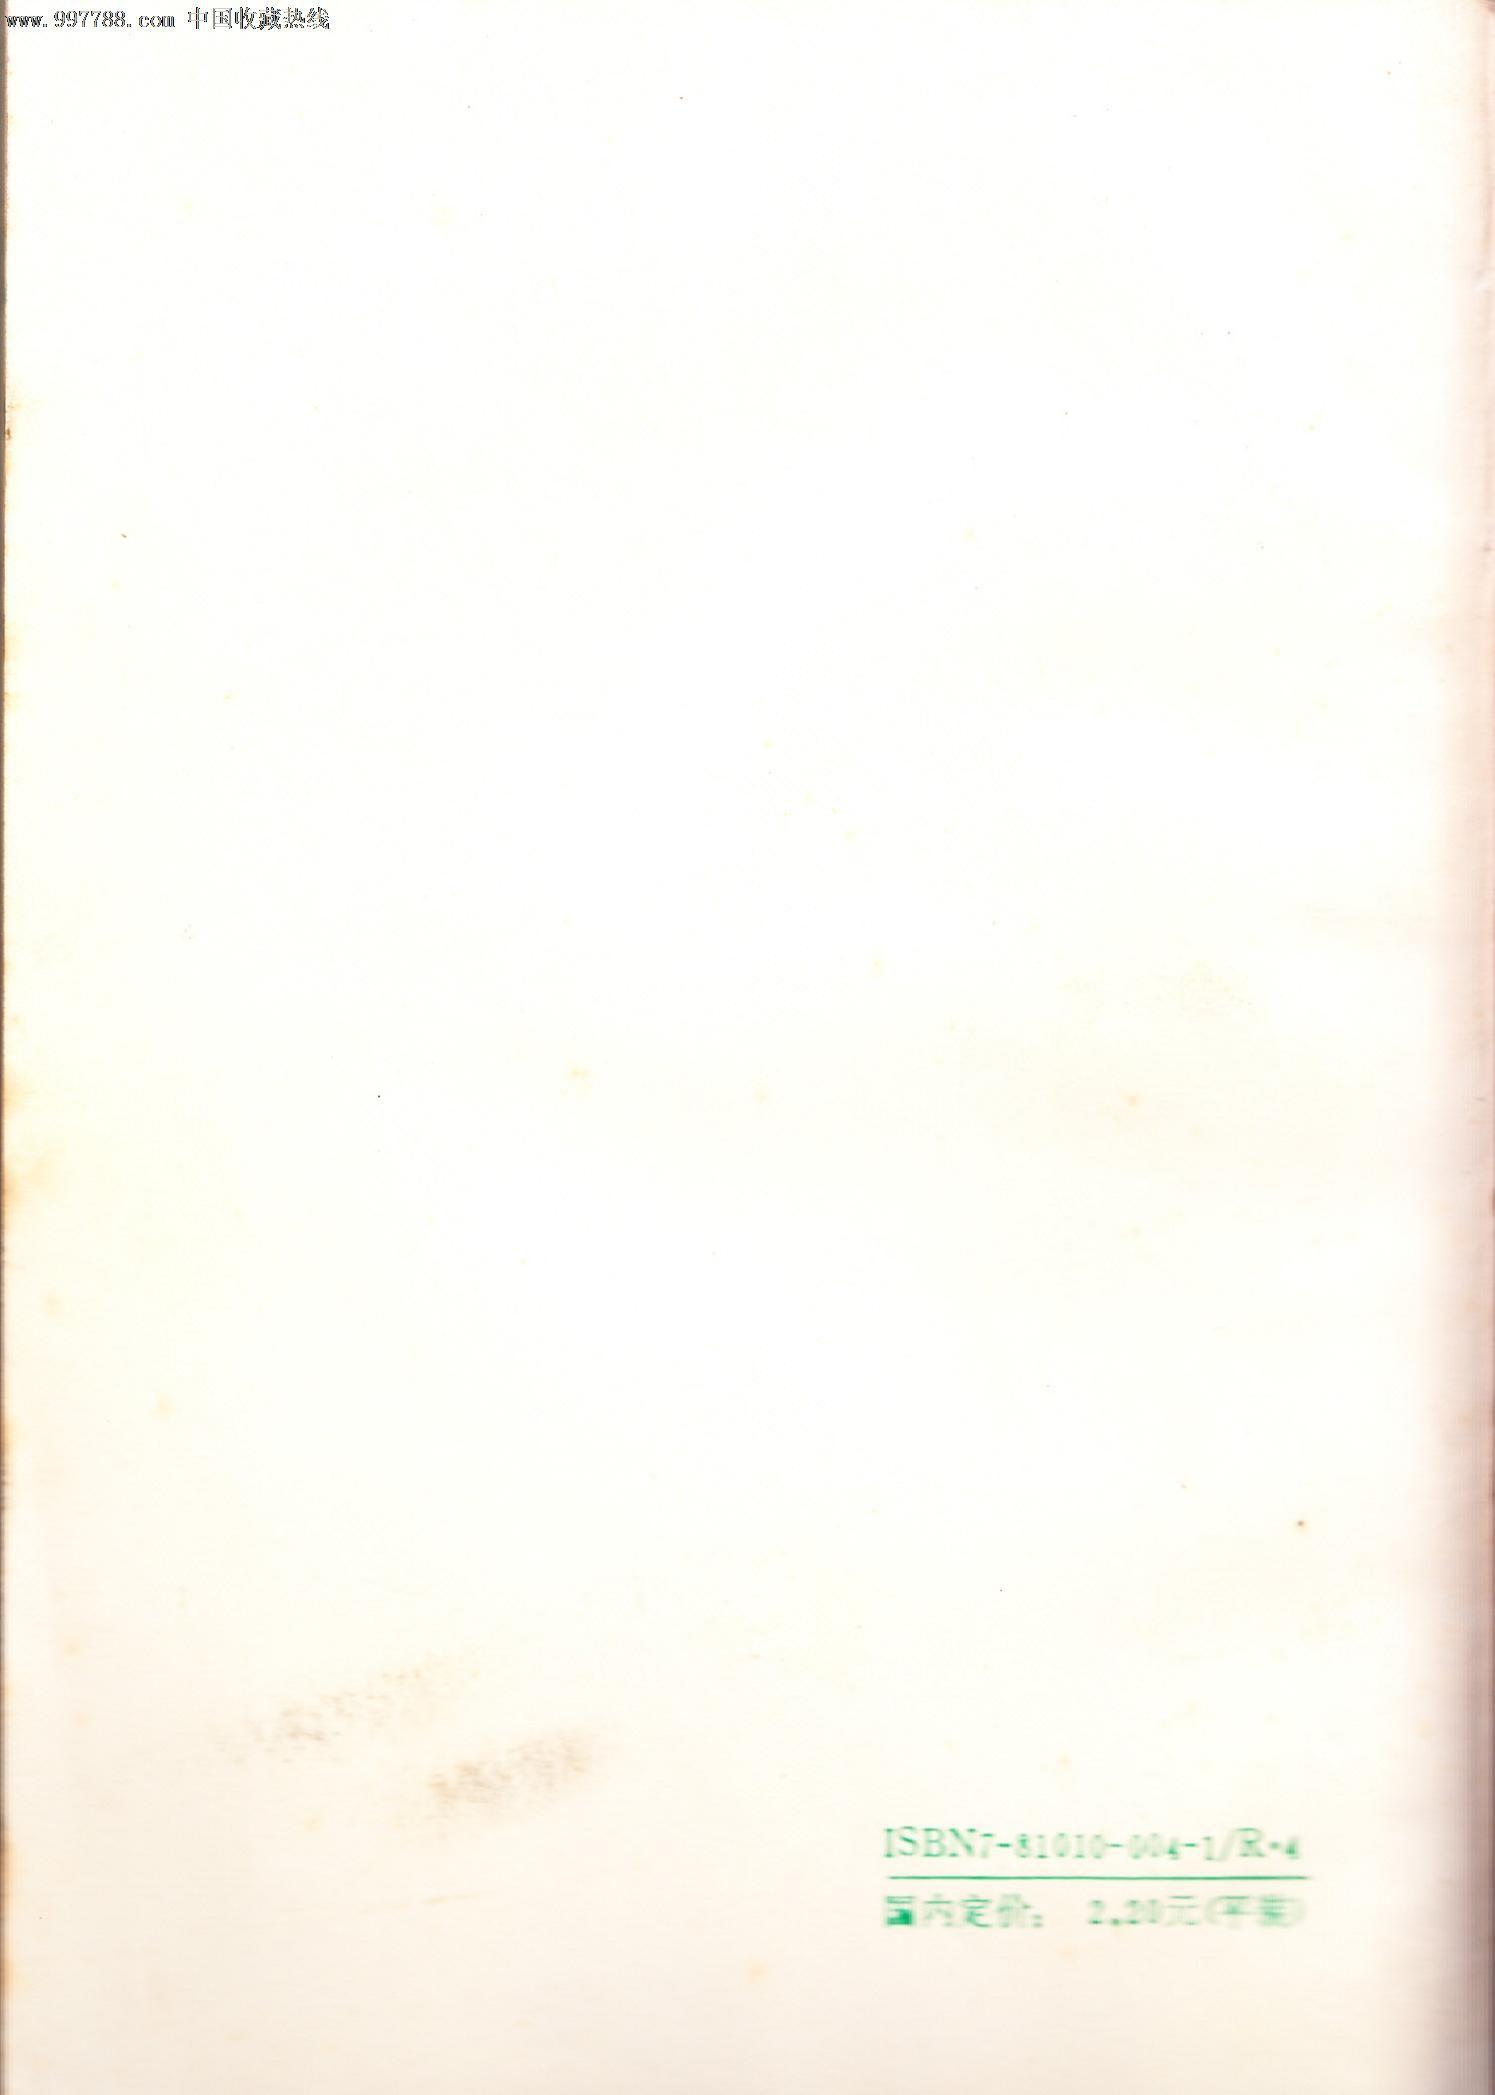 中医展板背景边框